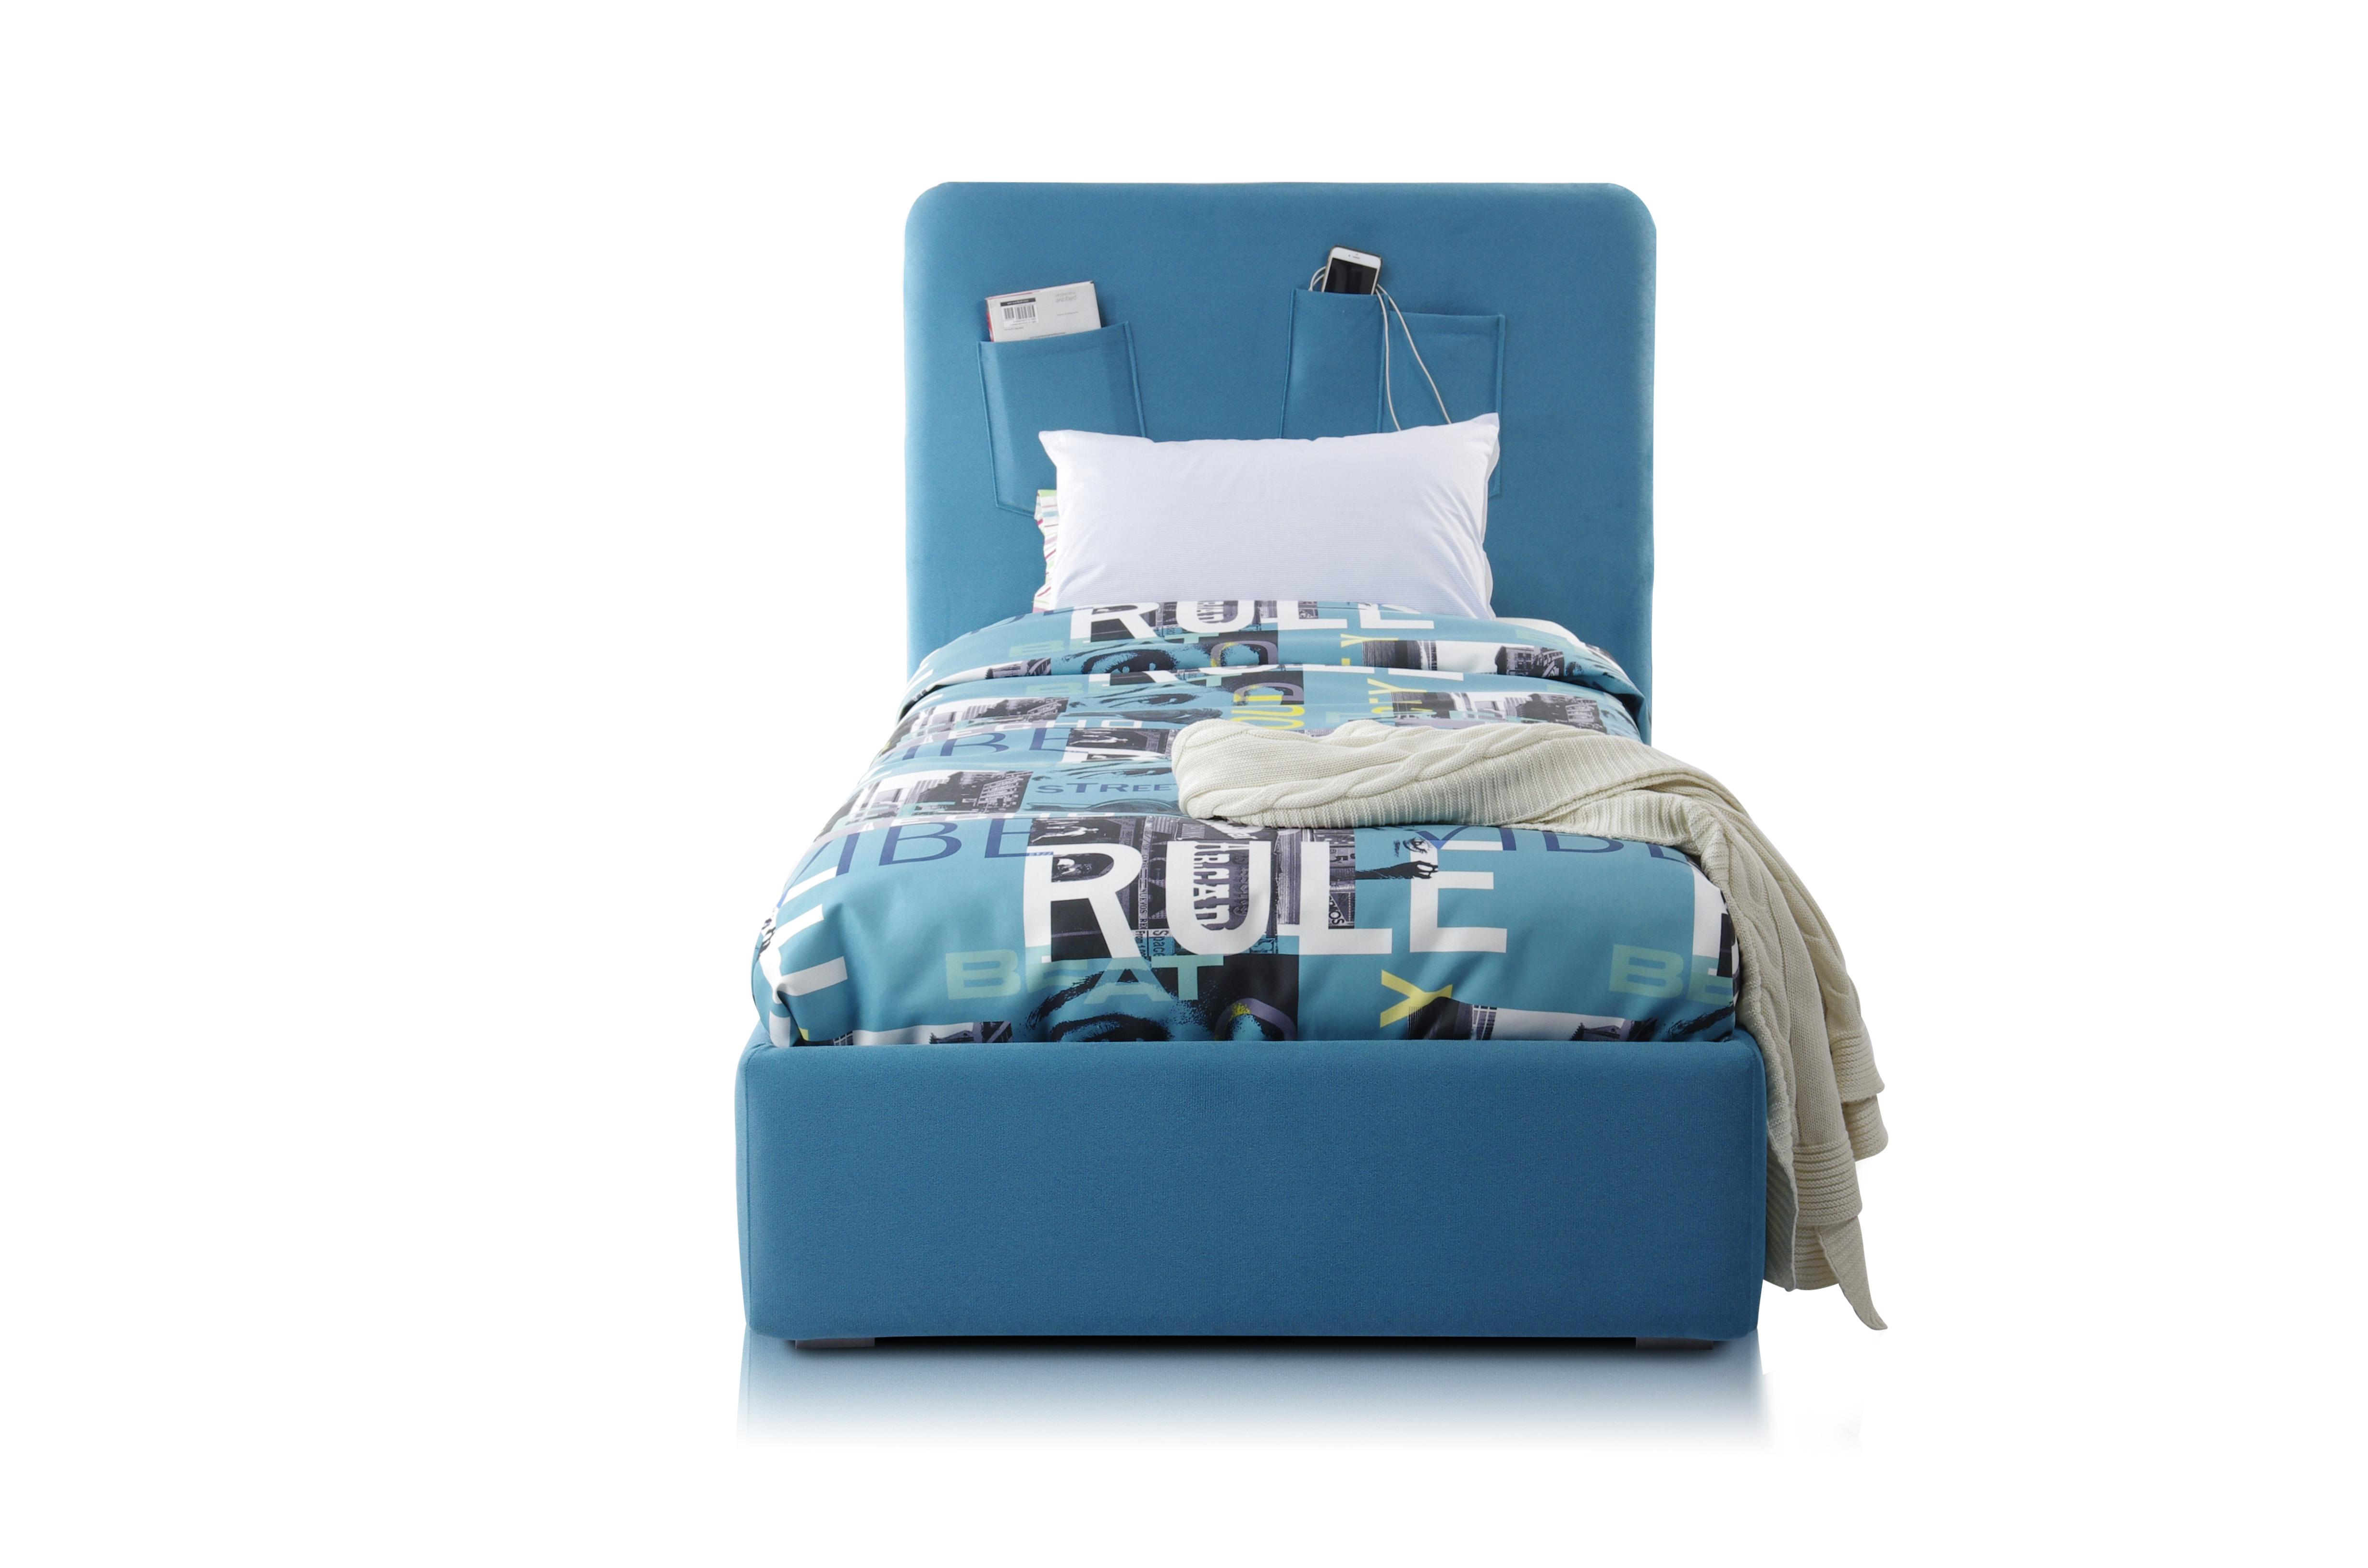 Кровать FancyПодростковые кровати<br>Матрас, постельное белье, дополнительные предметы, декоративные подушки и плед в комплект не входят.&amp;lt;div&amp;gt;&amp;lt;br&amp;gt;&amp;lt;/div&amp;gt;&amp;lt;div&amp;gt;Опции:&amp;amp;nbsp;&amp;lt;/div&amp;gt;&amp;lt;div&amp;gt;Варианты спальных мест&amp;amp;nbsp;&amp;lt;/div&amp;gt;&amp;lt;div&amp;gt;200х90&amp;amp;nbsp;&amp;lt;/div&amp;gt;&amp;lt;div&amp;gt;190х90&amp;amp;nbsp;&amp;lt;/div&amp;gt;&amp;lt;div&amp;gt;190х120&amp;amp;nbsp;&amp;lt;/div&amp;gt;&amp;lt;div&amp;gt;&amp;lt;br&amp;gt;&amp;lt;/div&amp;gt;&amp;lt;div&amp;gt;Возможна установка подъемного механизма.&amp;amp;nbsp;&amp;lt;/div&amp;gt;&amp;lt;div&amp;gt;Цены на опции уточняйте у менеджеров.&amp;lt;/div&amp;gt;<br><br>Material: Текстиль<br>Ширина см: 90<br>Высота см: 105<br>Глубина см: 215